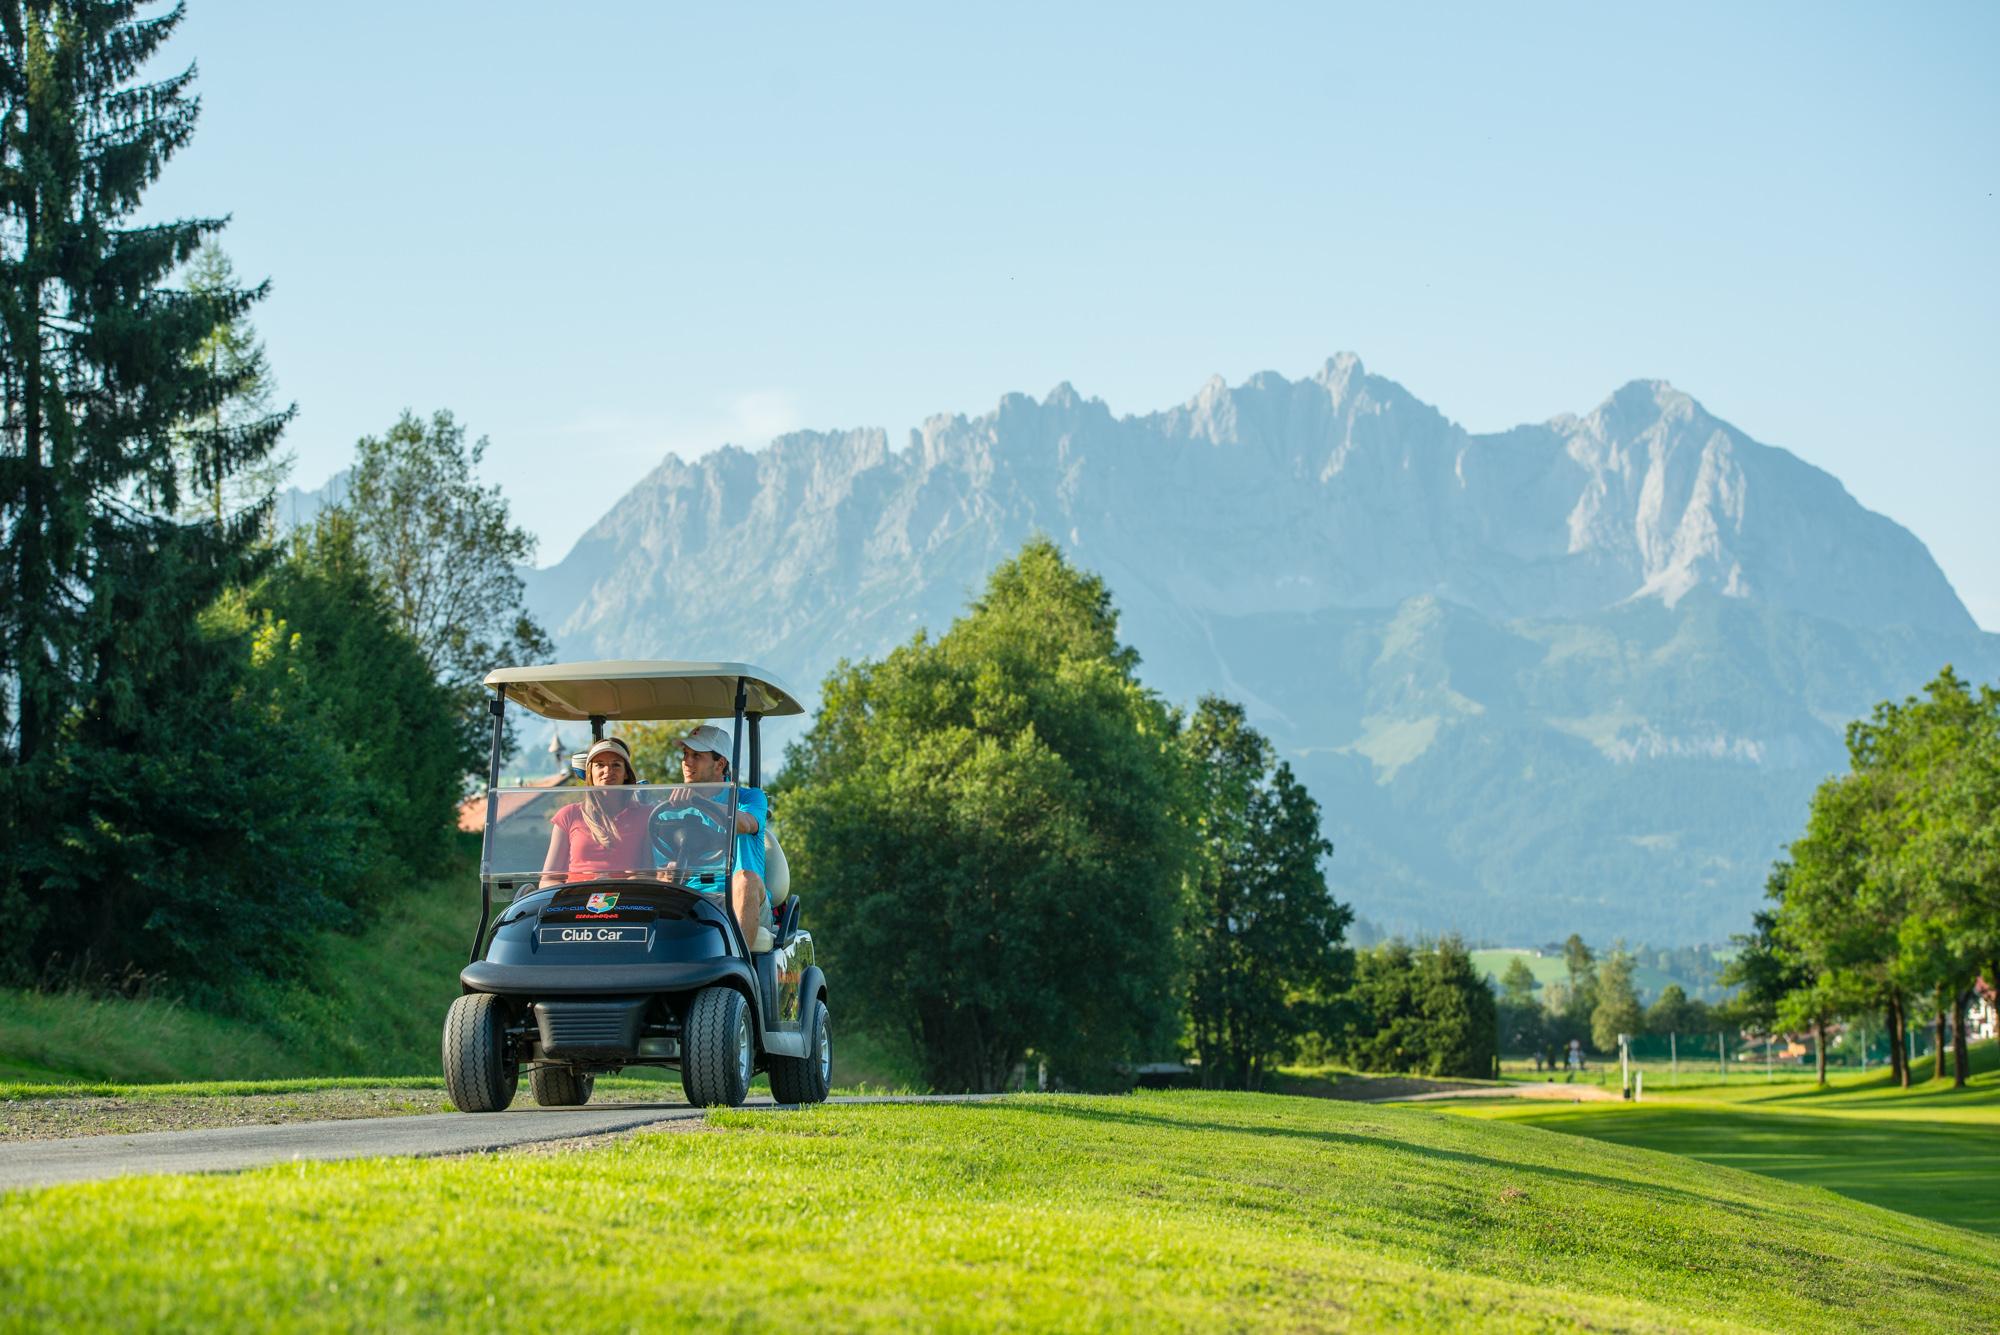 Paar im Golfcart auf dem Golfplatz in Kitzbühel